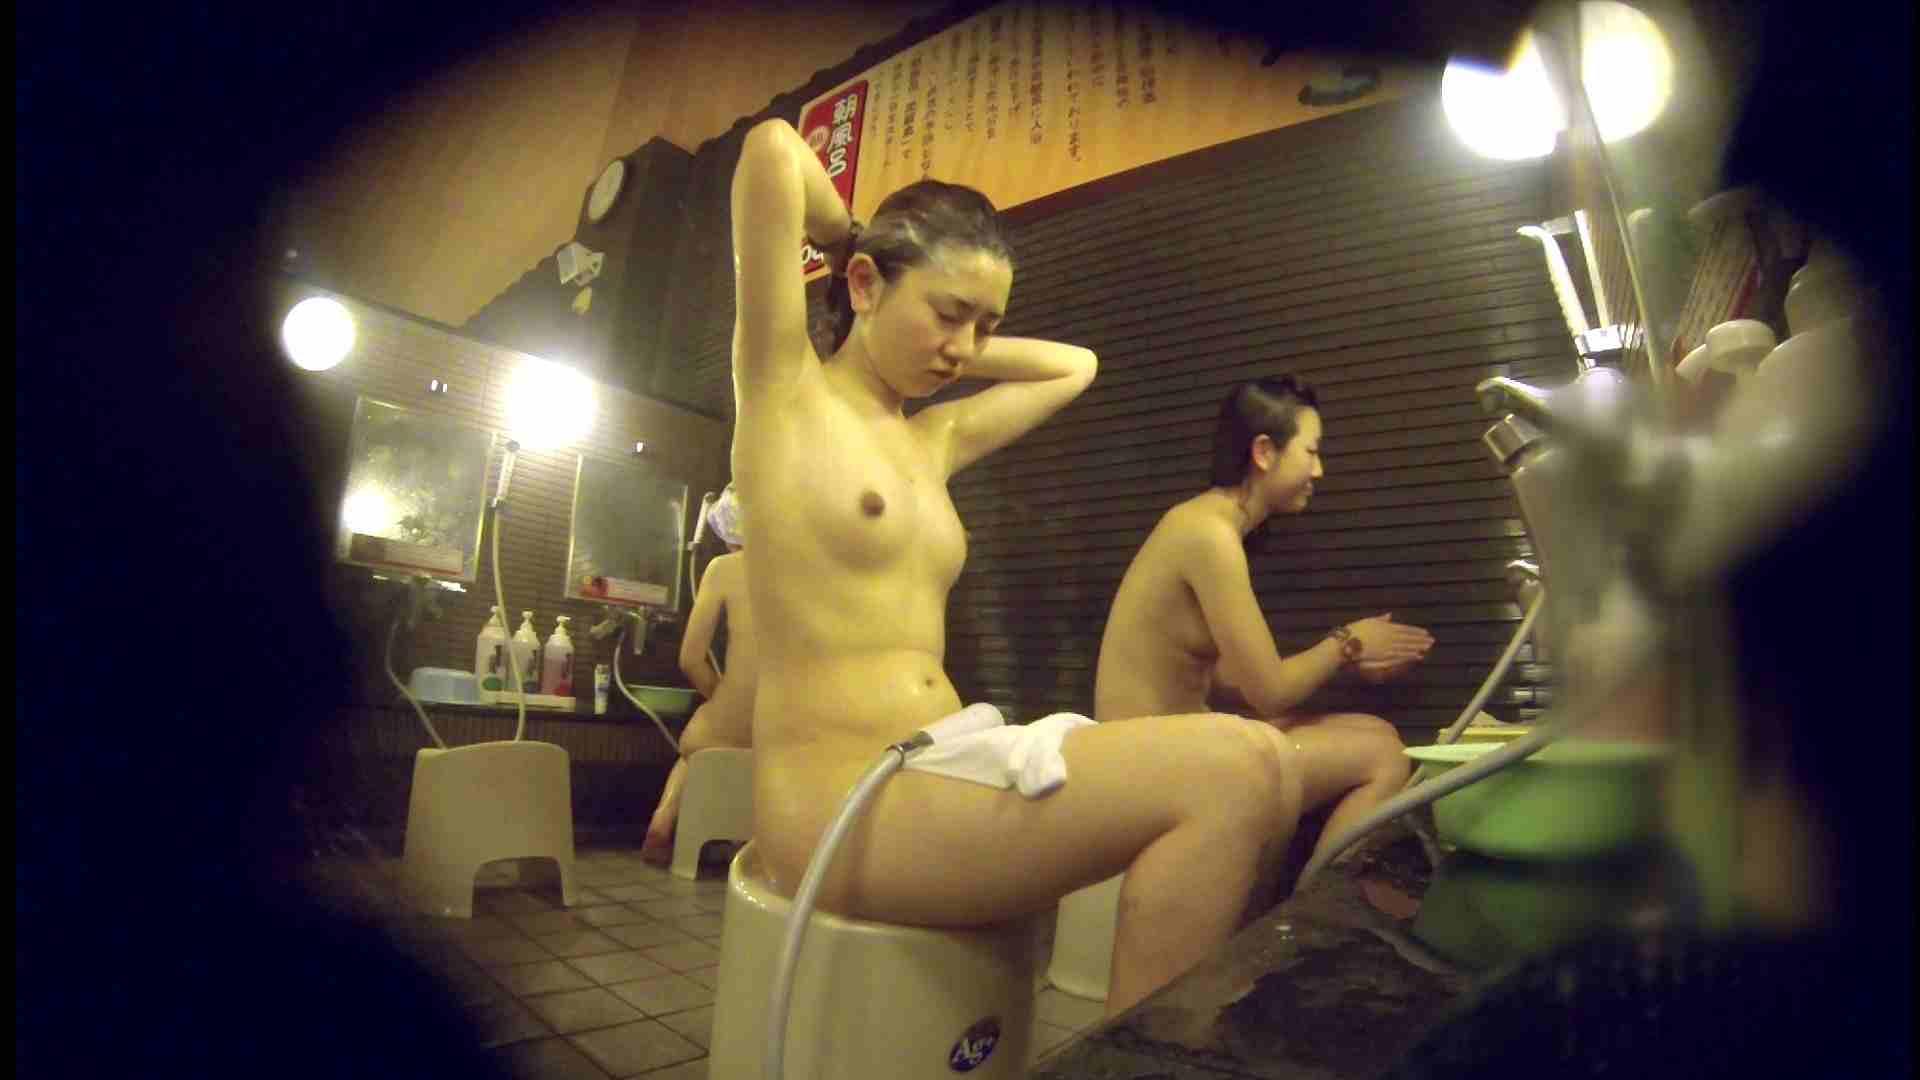 無修正おまんこ動画|洗い場!しかし・・・綺麗な顔をしてますね。結婚したいな。|怪盗ジョーカー